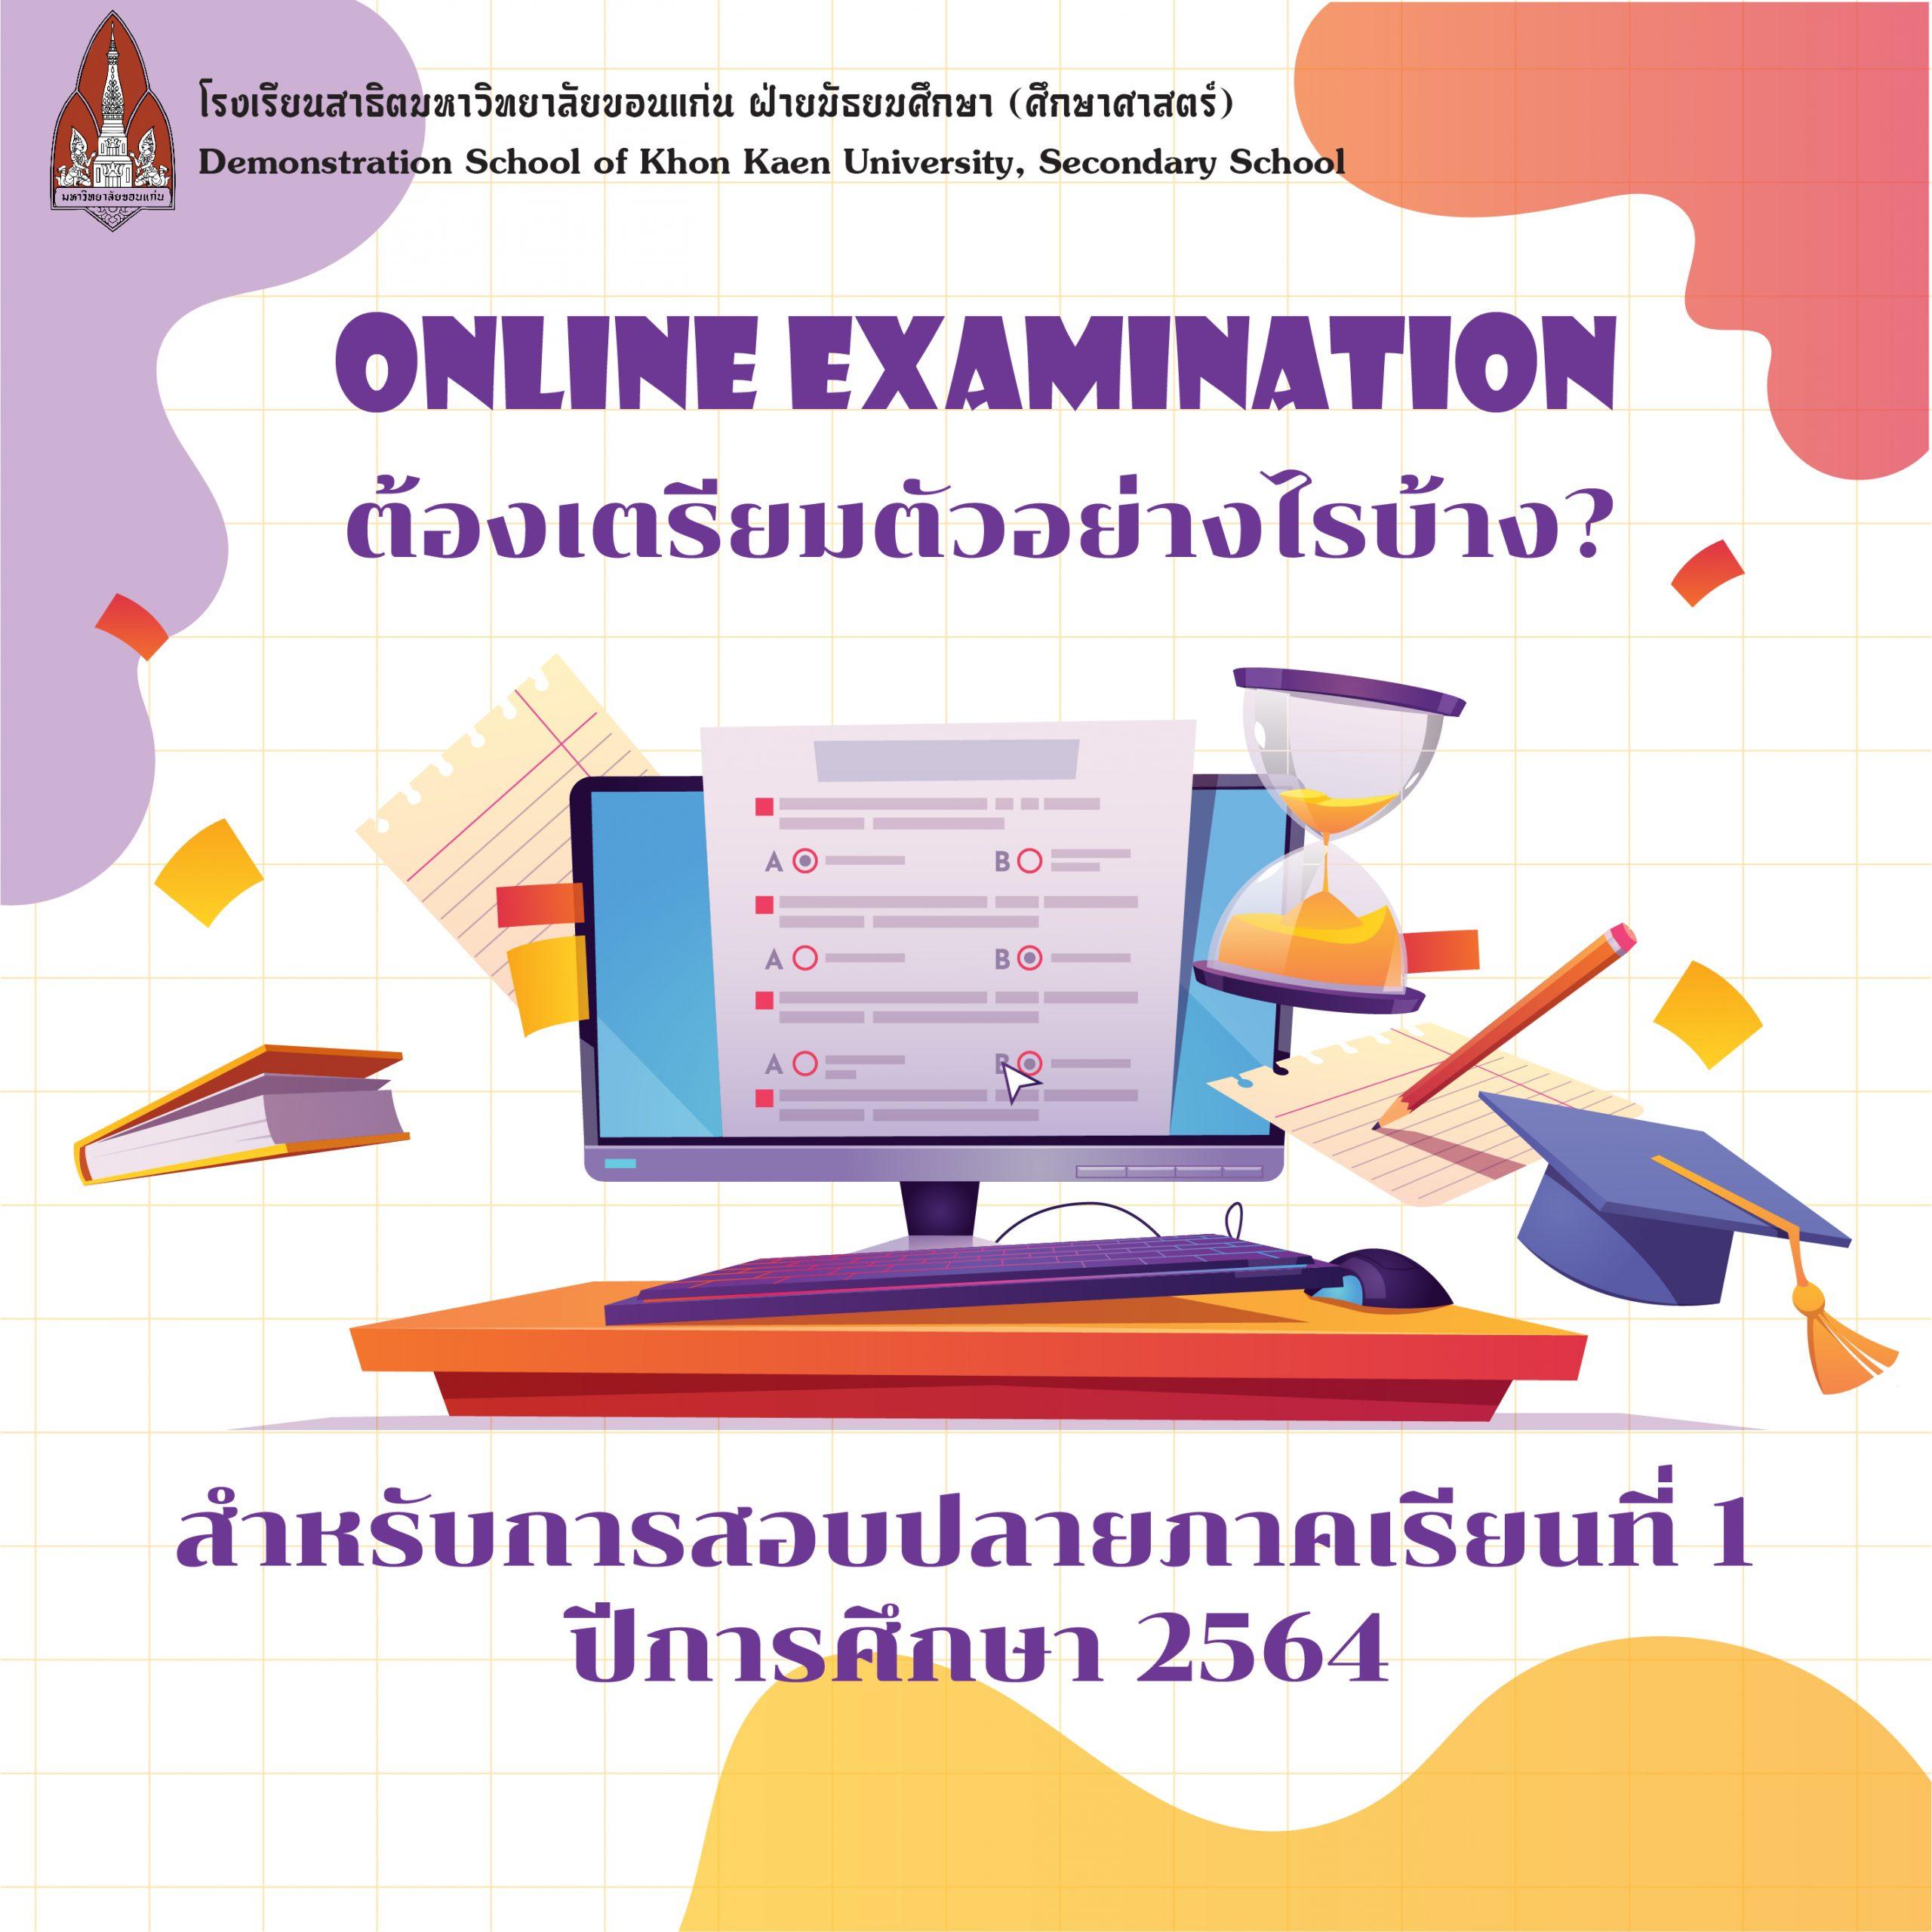 แนวปฏิบัติการสอบปลายภาค (ออนไลน์) ภาคเรียนที่ 1 ปีการศึกษา 2564 และลิงก์ Zoom สำหรับเข้าสอบ